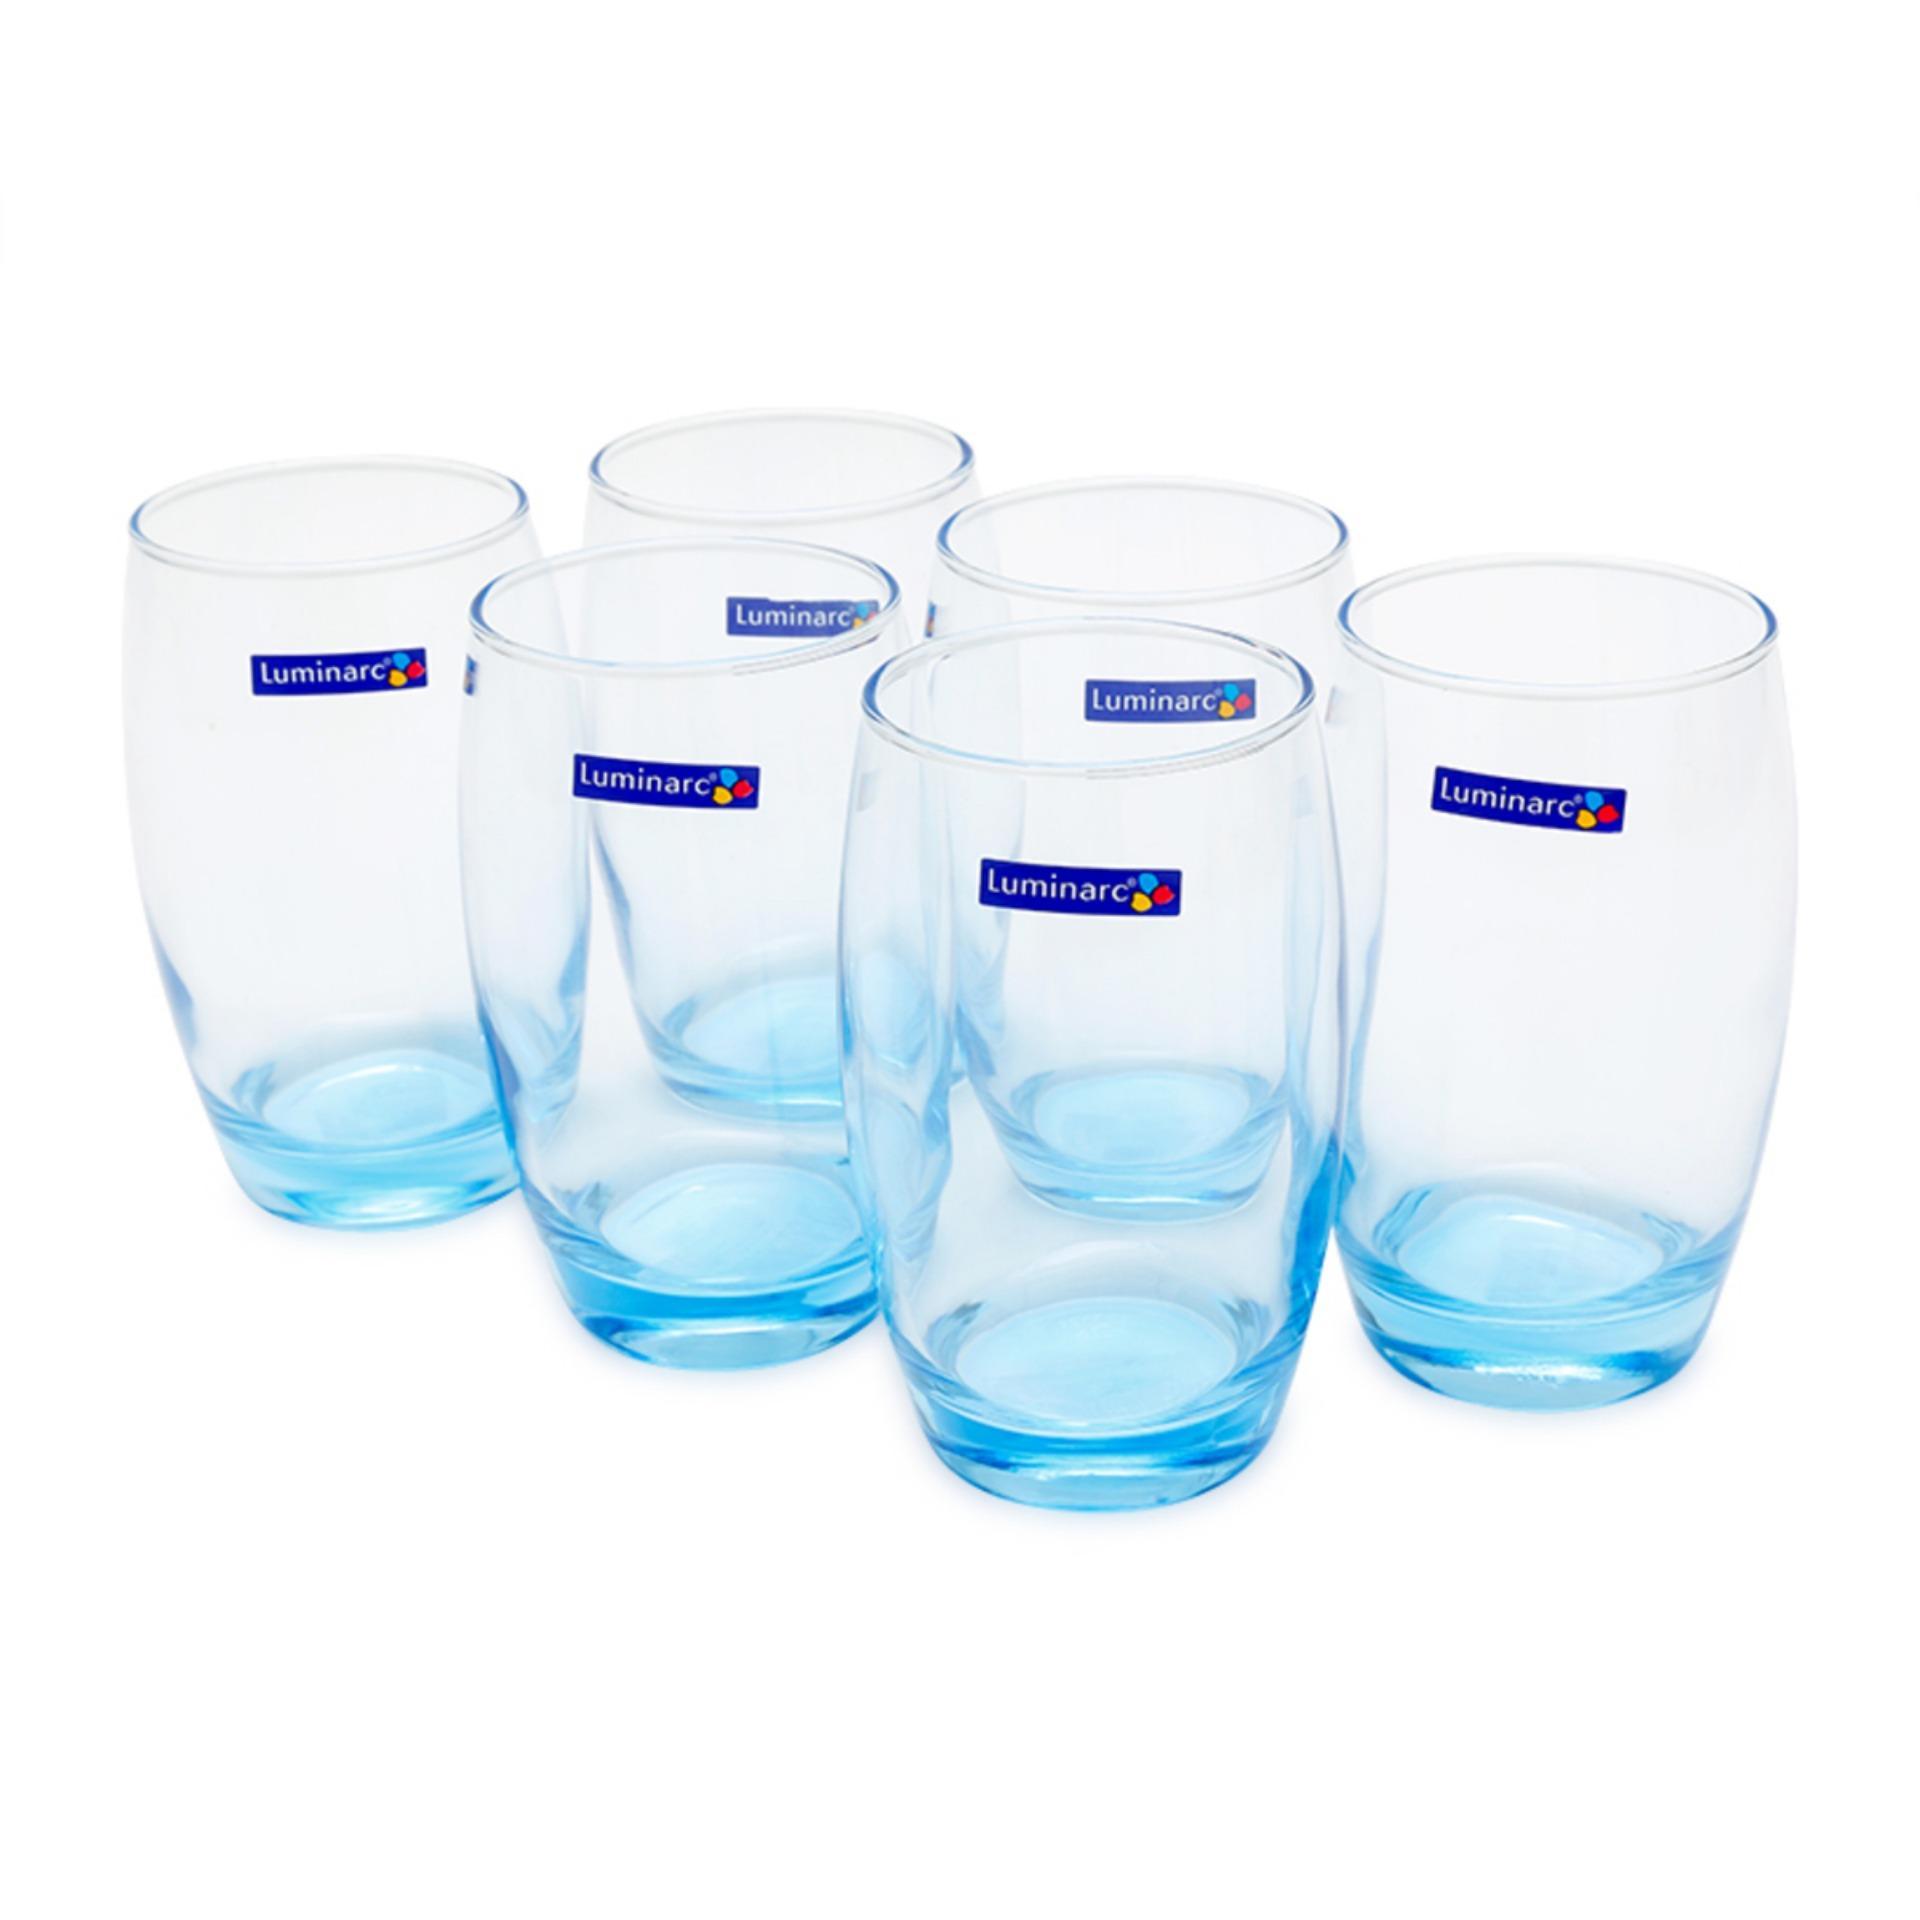 Giá Bán Bộ 6 Ly Thủy Tinh Cao Luminarc Salto Ice Blue 350Ml J1585 Mới